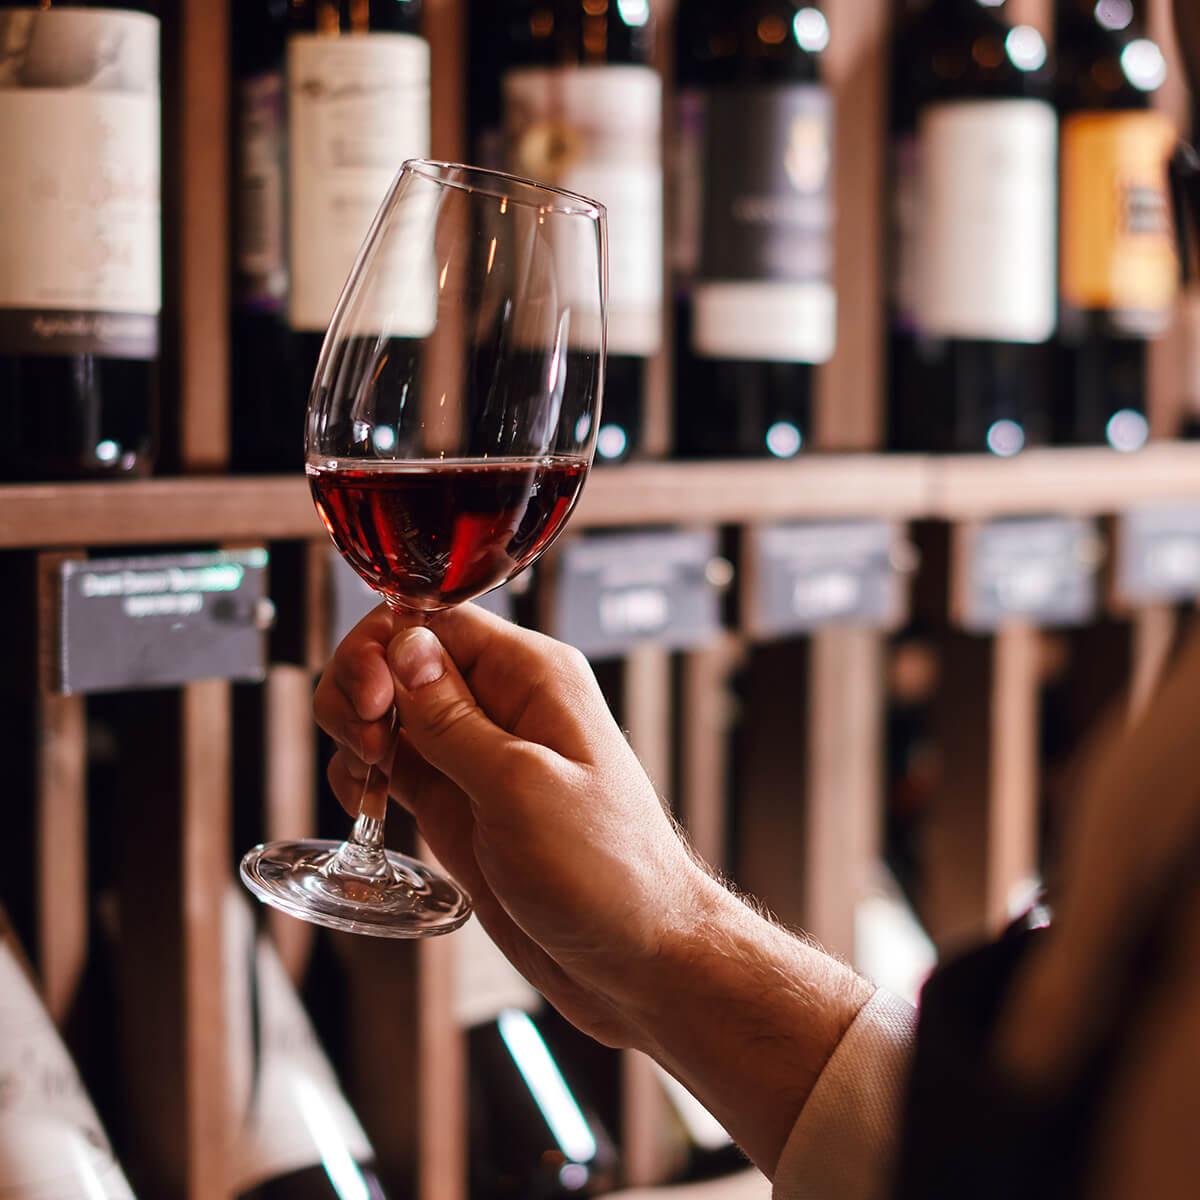 La complessità dei vini non è solo per il palato.